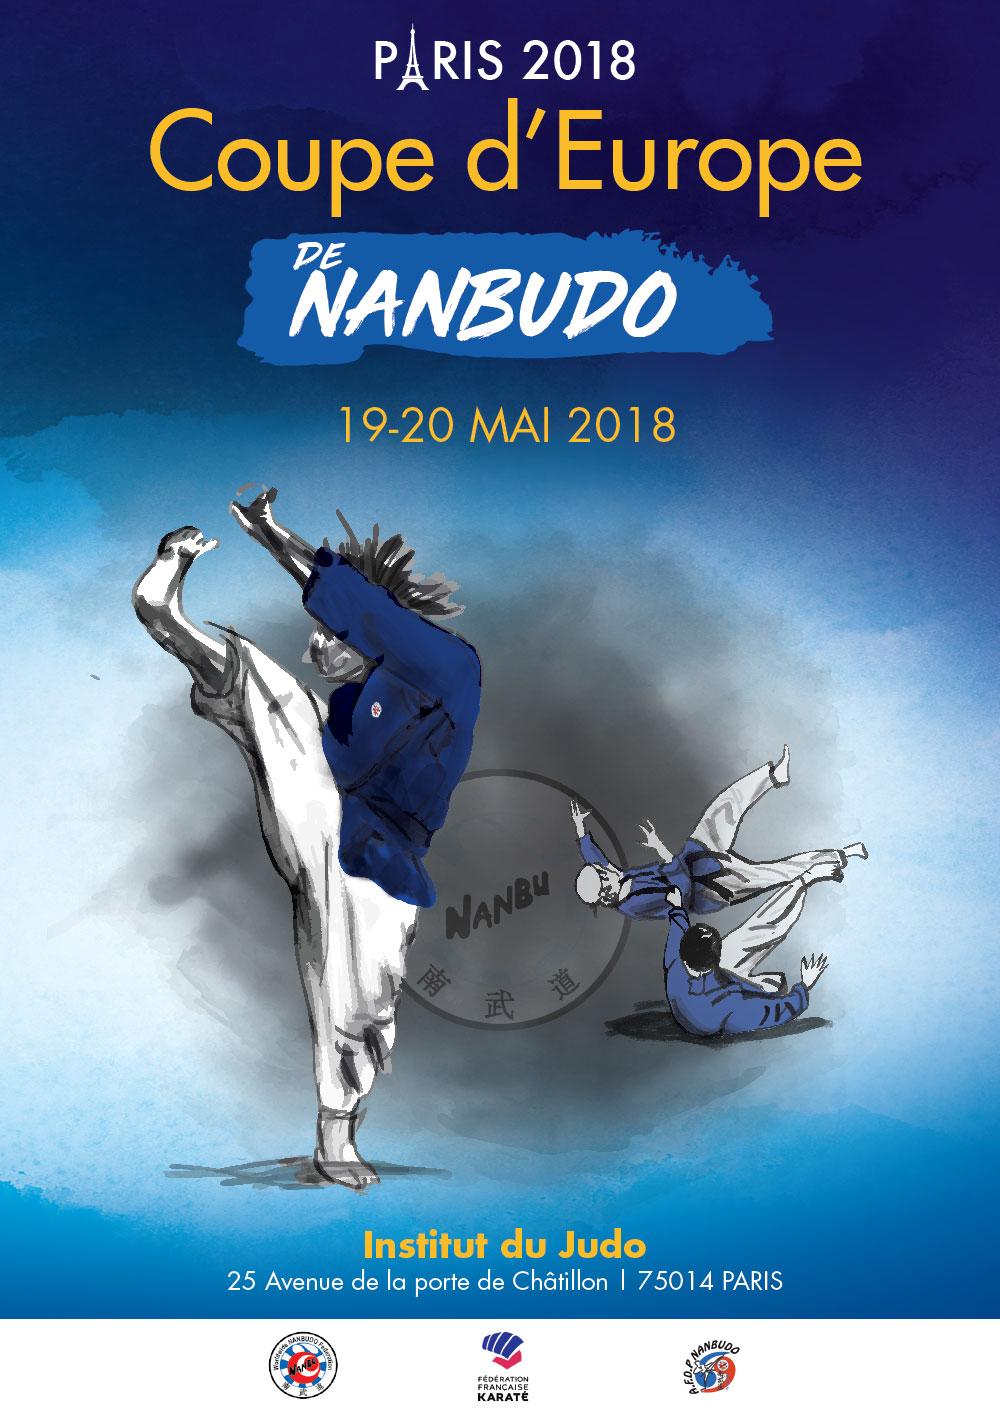 La france accueille l euro de nanbudo actualit - Institut national du judo porte de chatillon ...